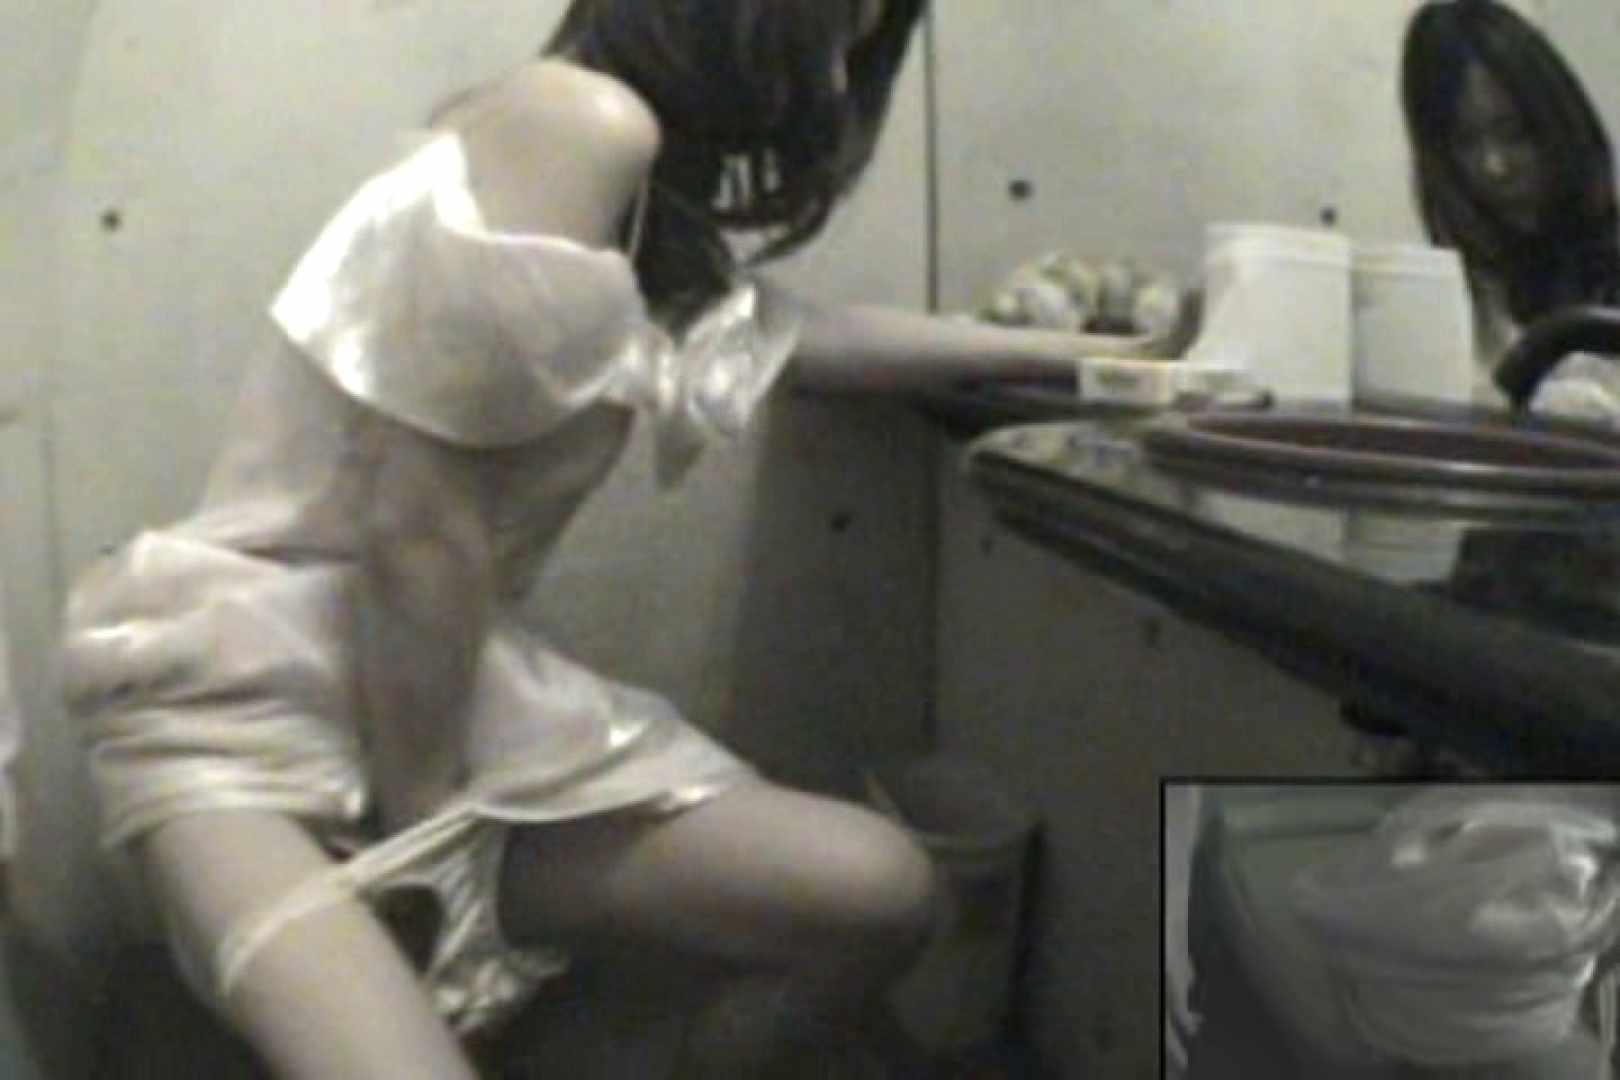 キャバ嬢は仕事の合間でもオナニーします!!Vol.10 キャバ嬢 | エロすぎオナニー  72画像 13